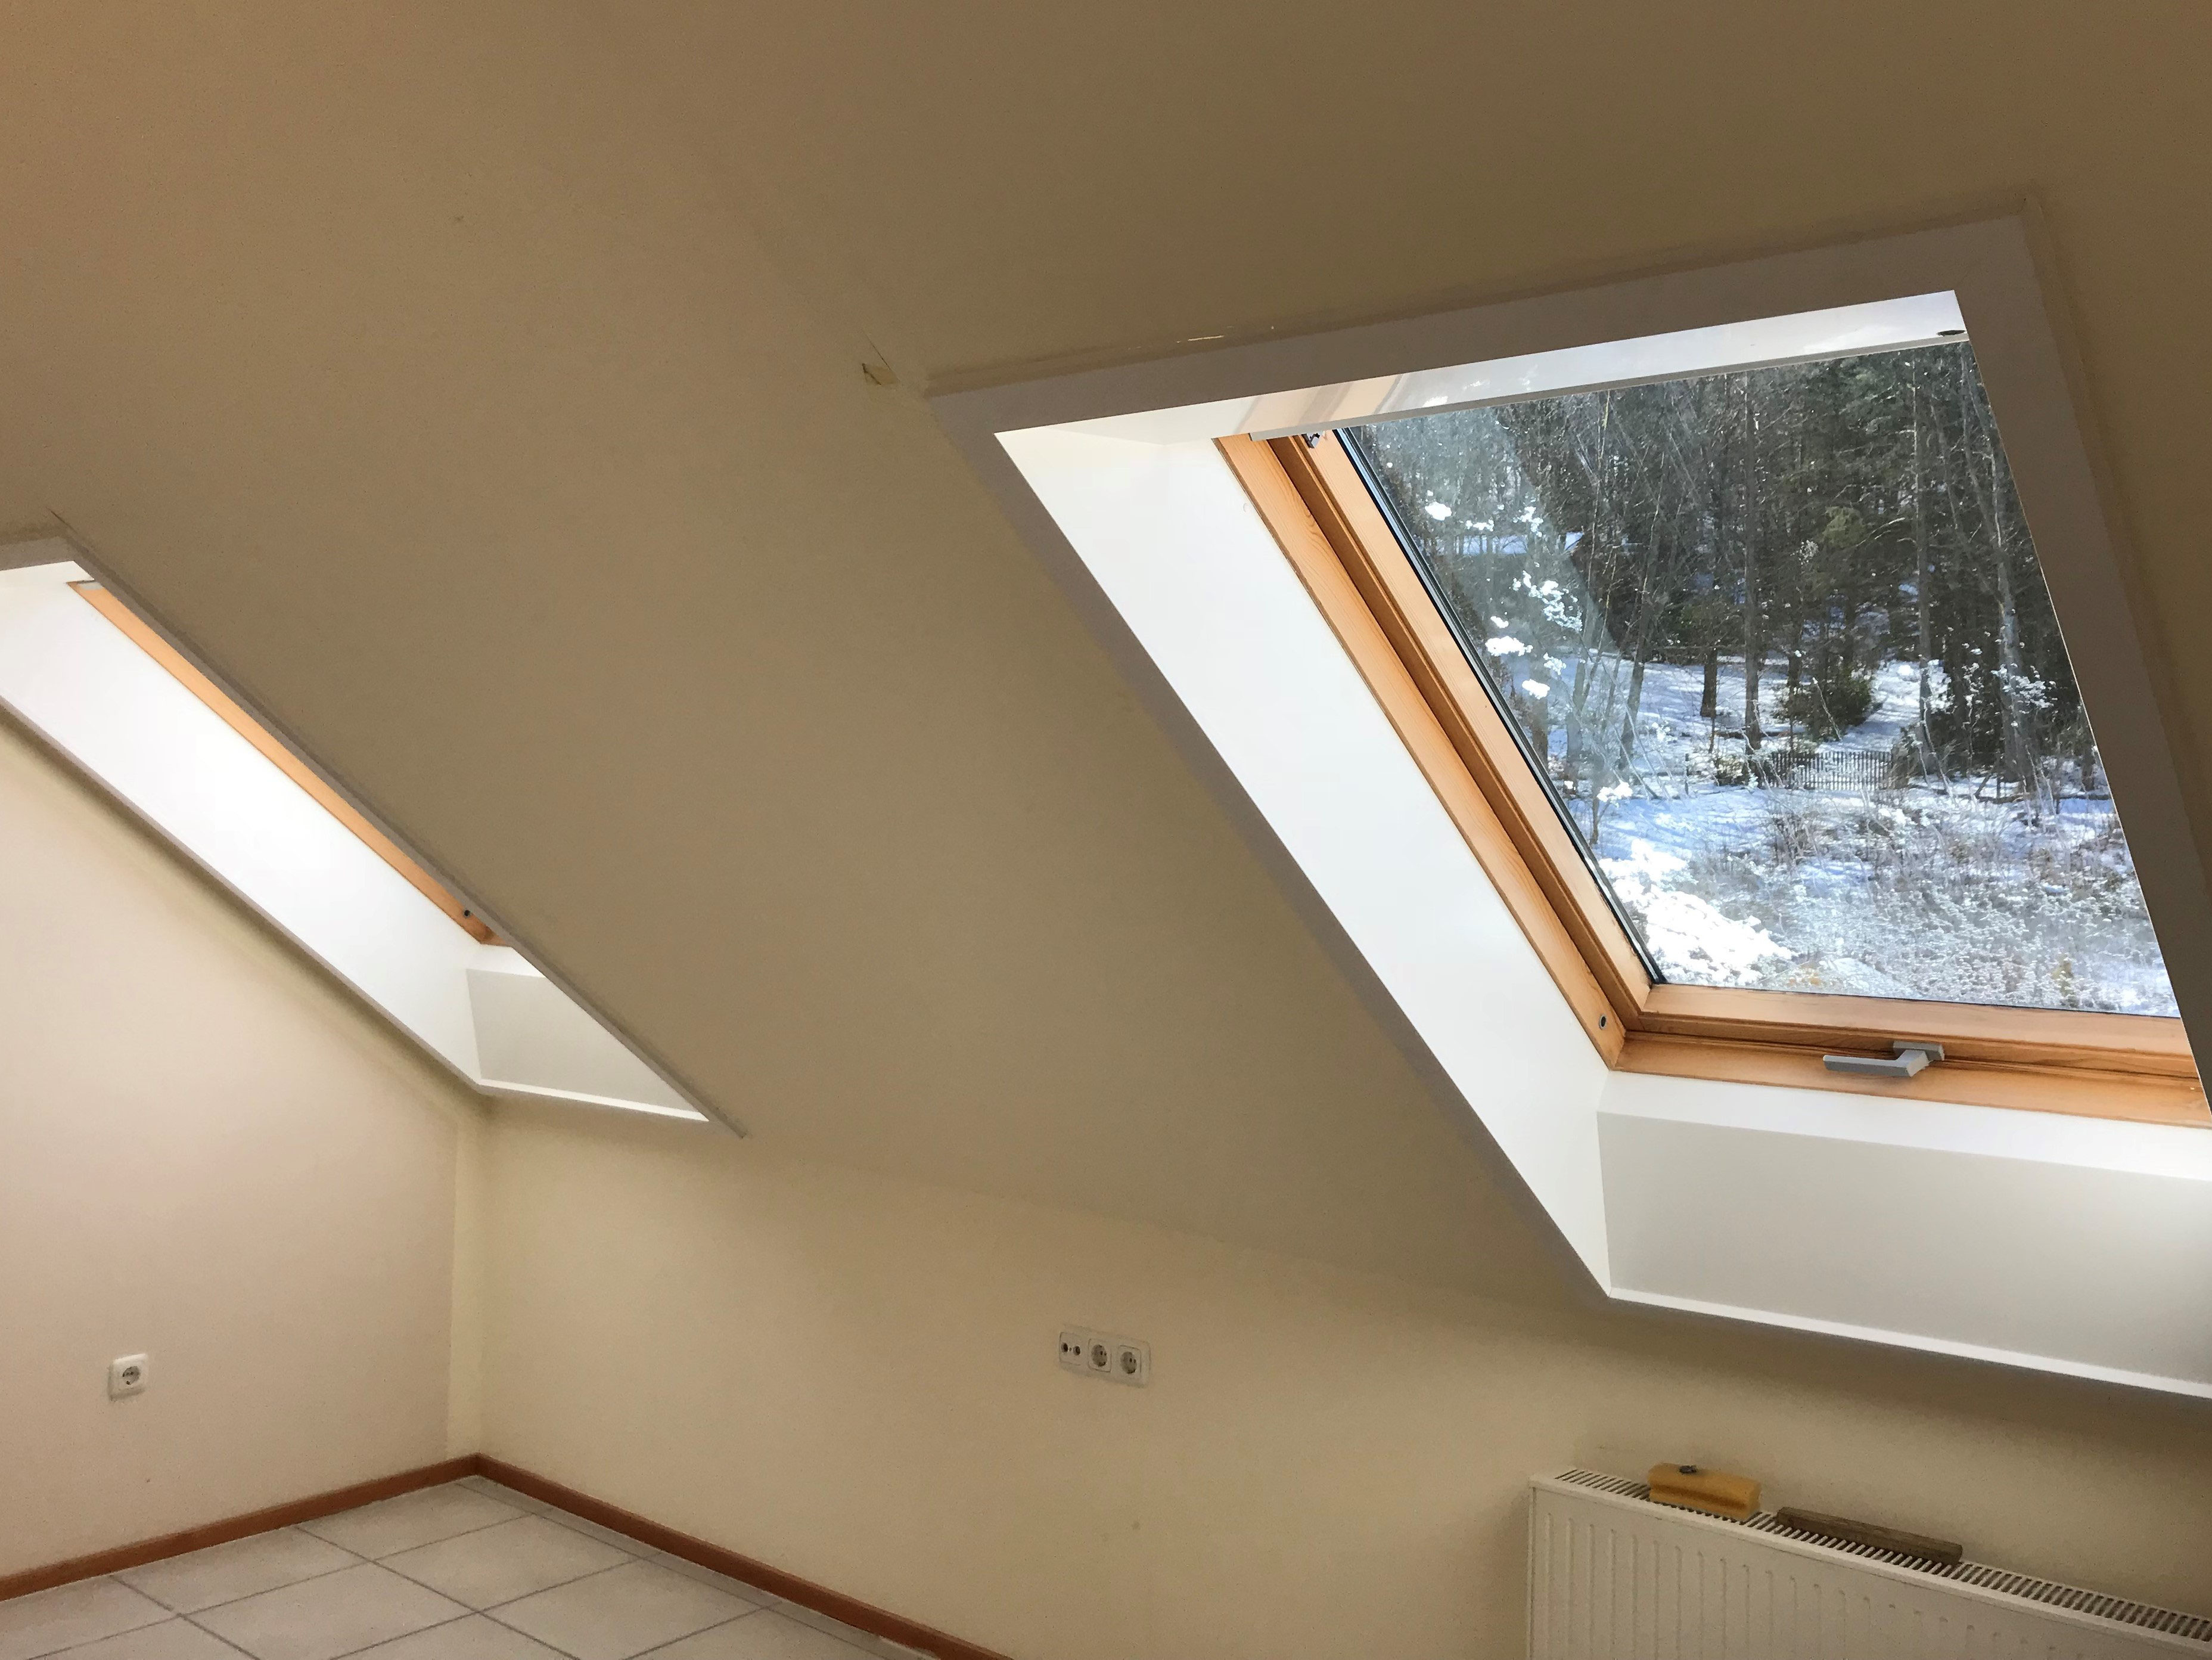 Gut bekannt Dachfenster-Sanierung mit VELUX Innenfutter - Ewald Sahm GmbH KY91